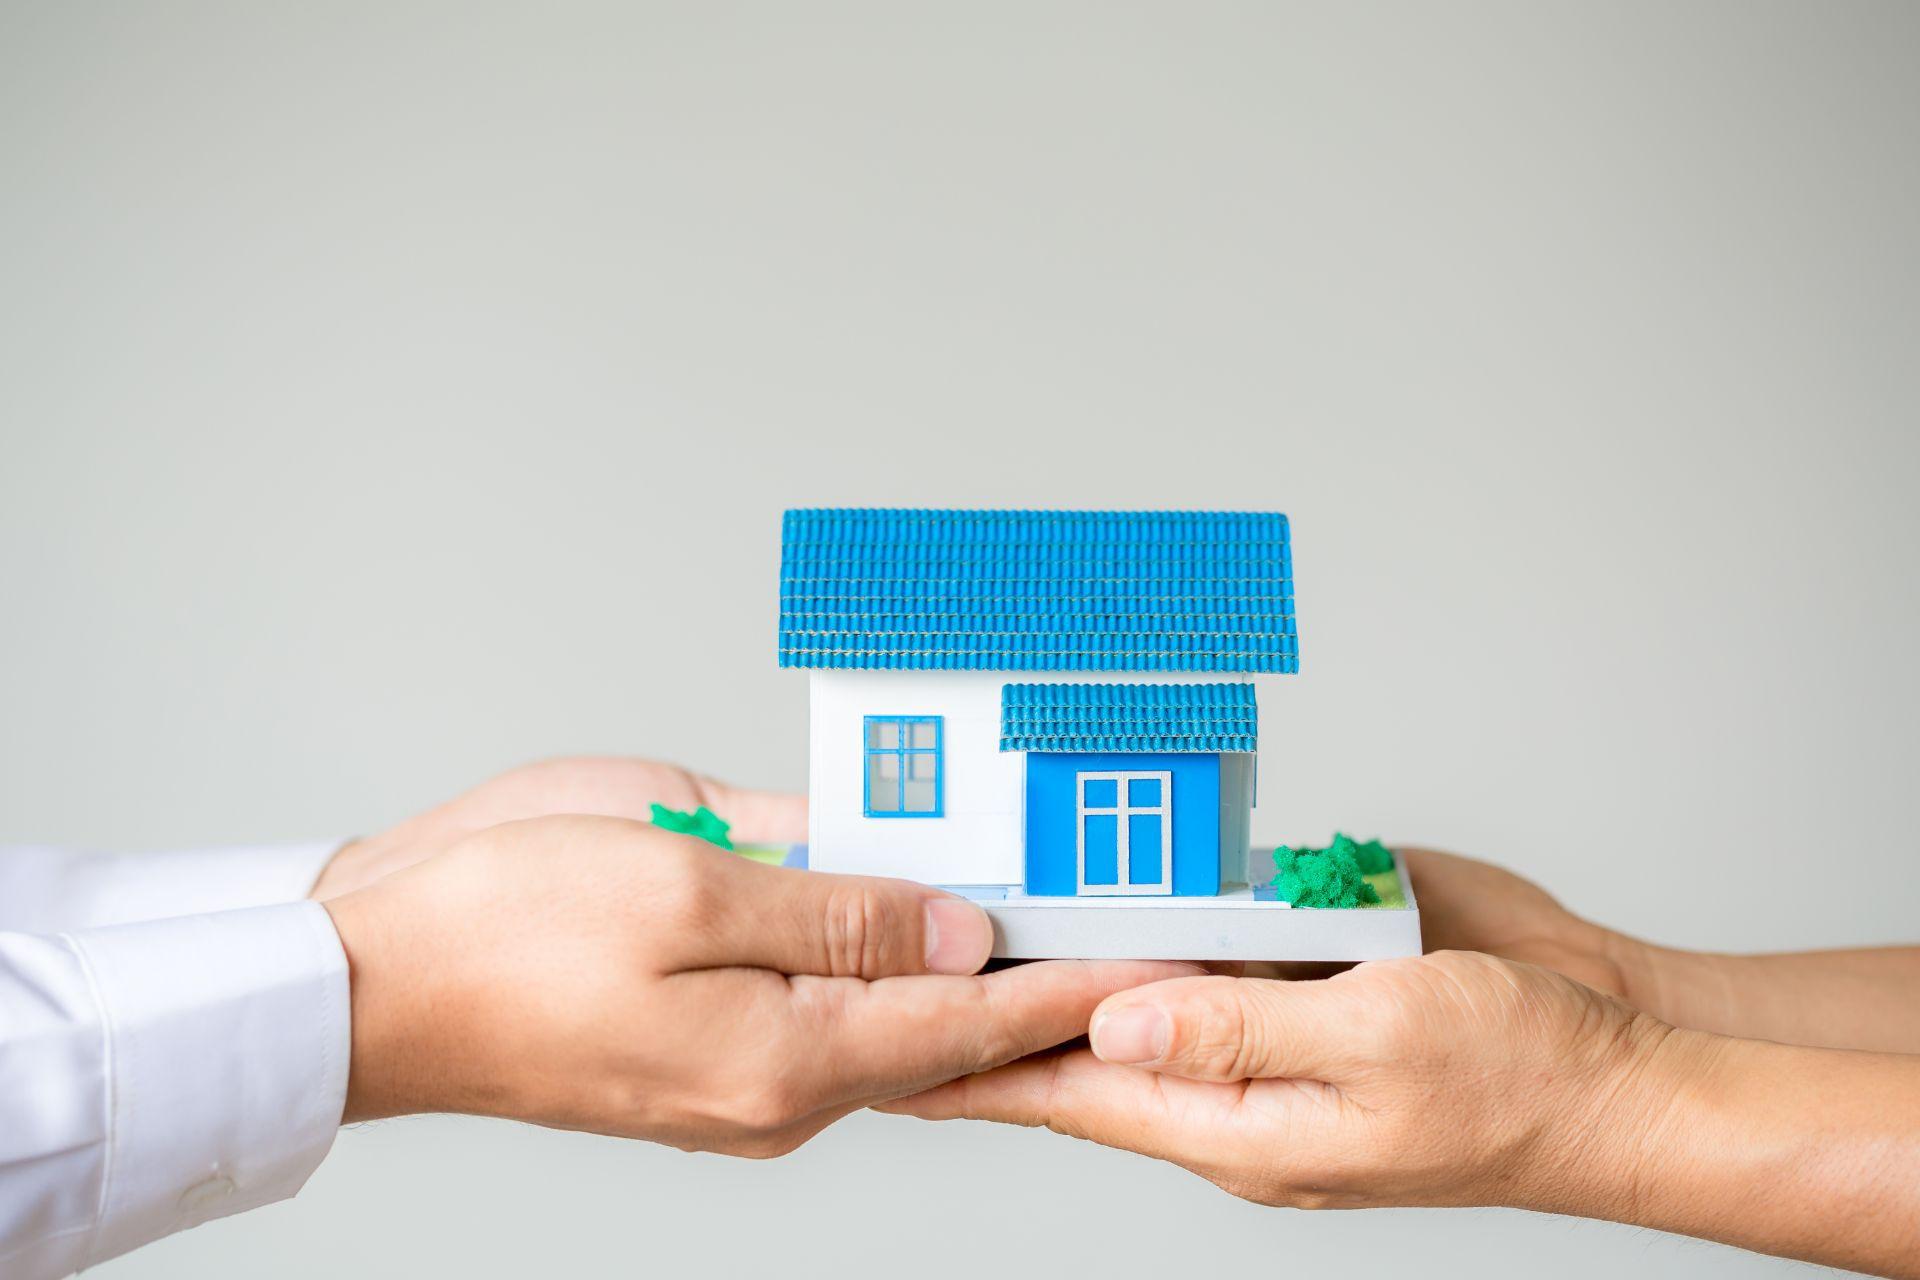 איך קונים דירה